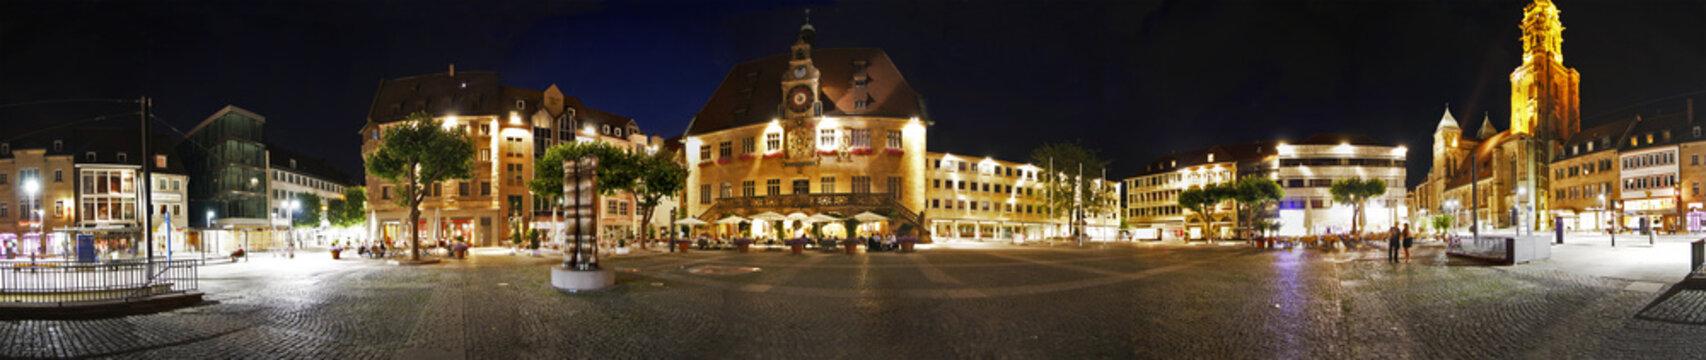 Panorama vom Heilbronner Marktplatz